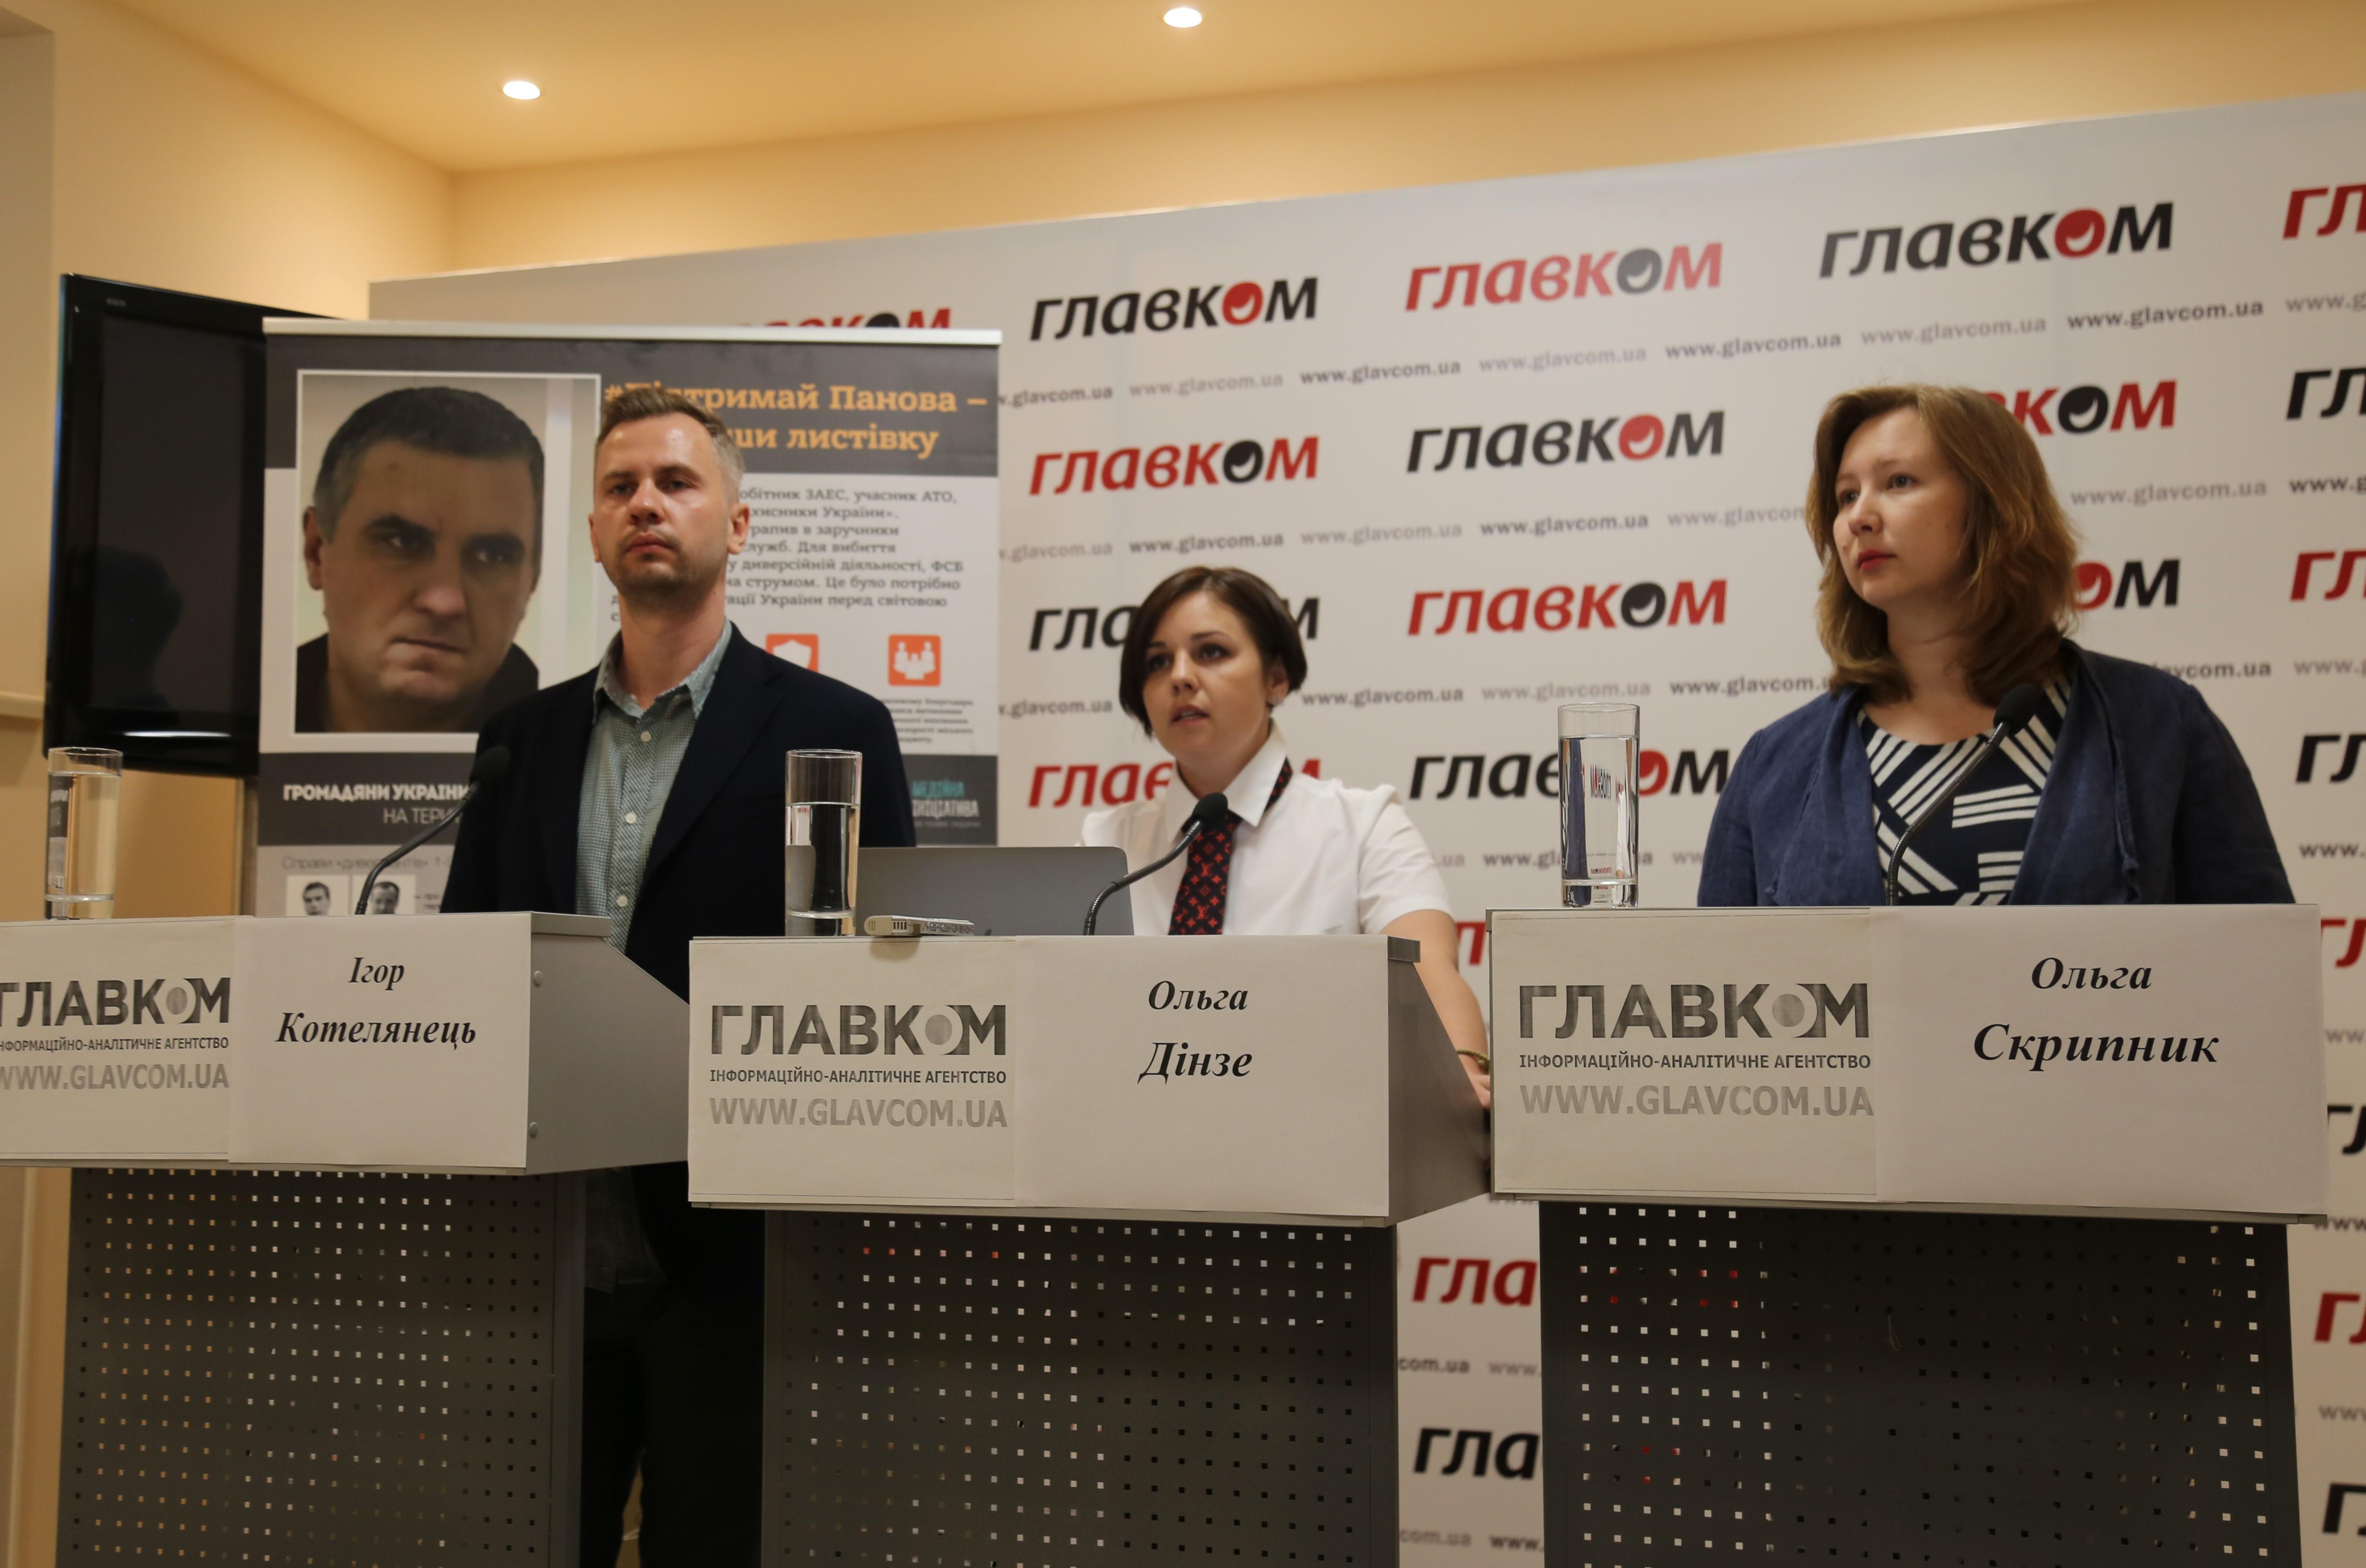 Олега Сенцова обследовали в гражданской больнице и могут начать принудительное кормление, — адвокат